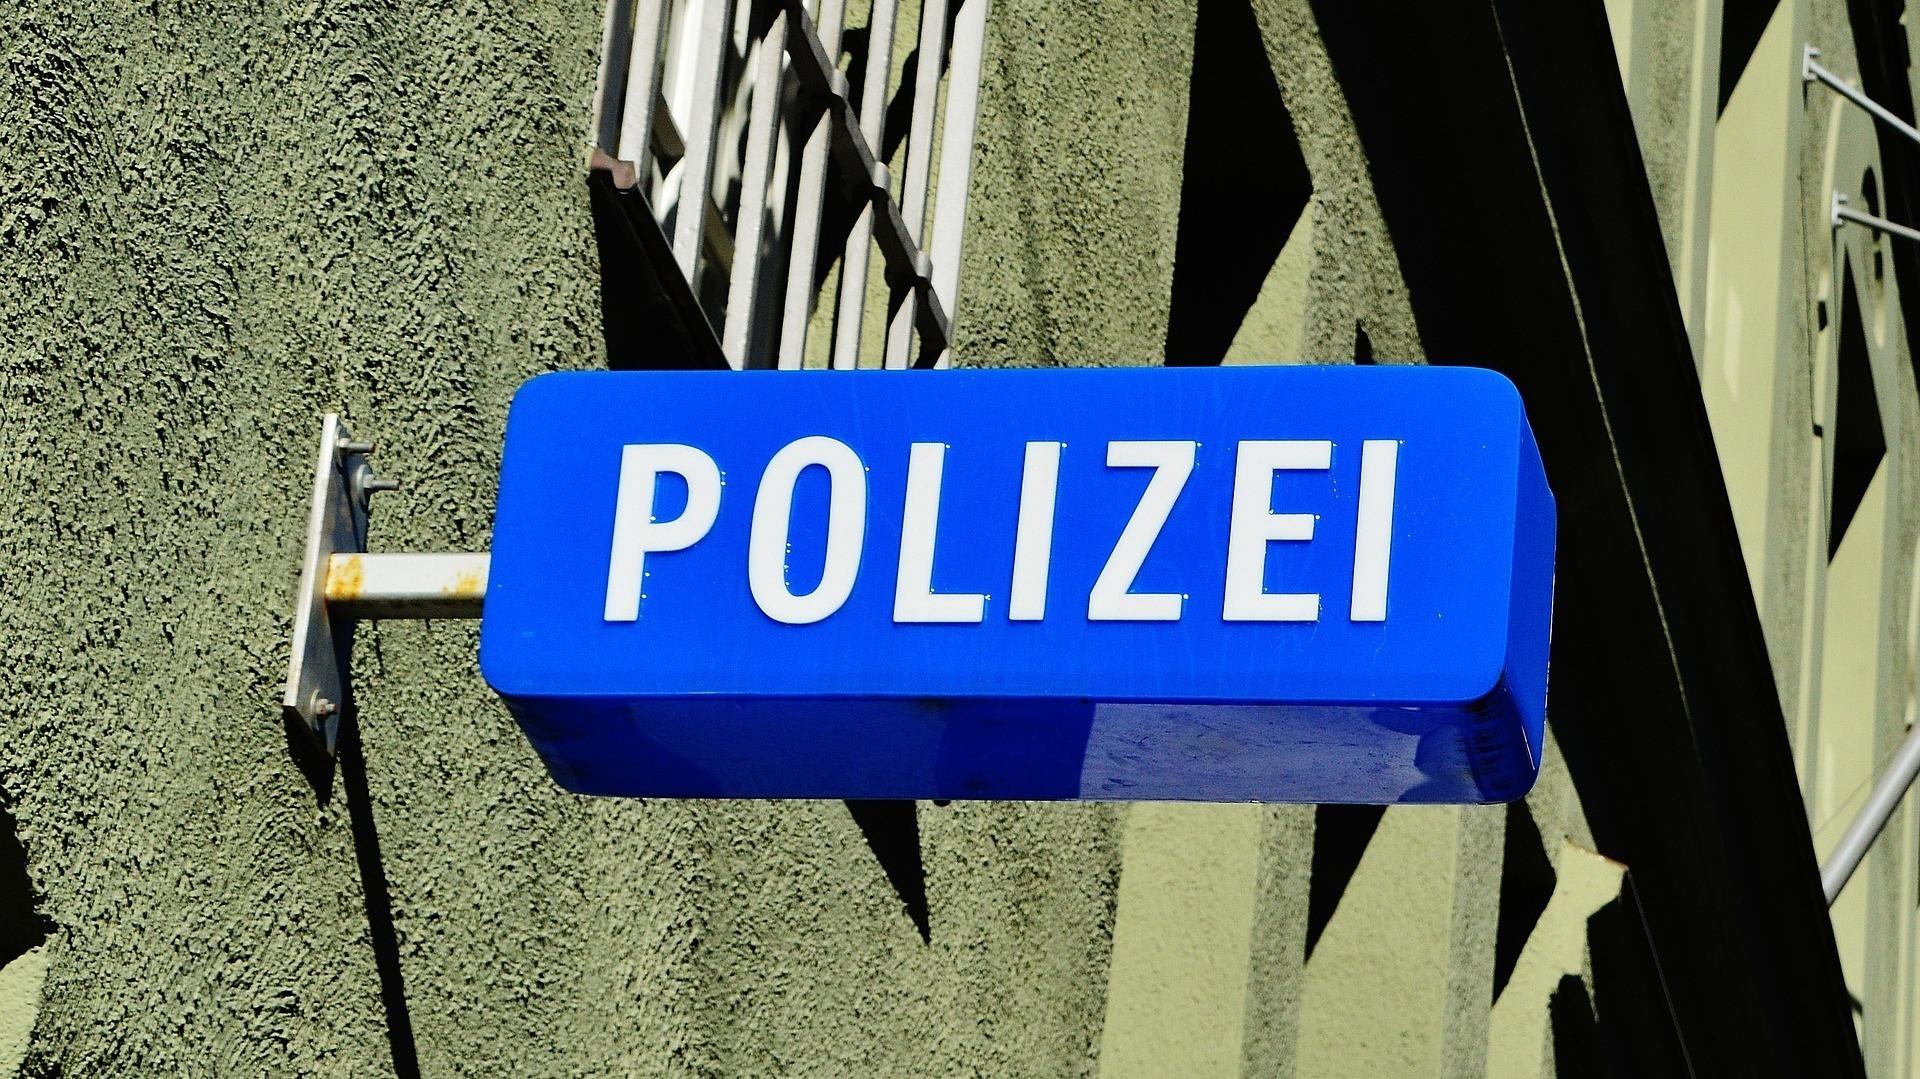 heise.de - Sven Hansen - Landeskriminalamt NRW setzt auf 'vorausschauende Polizeiarbeit'